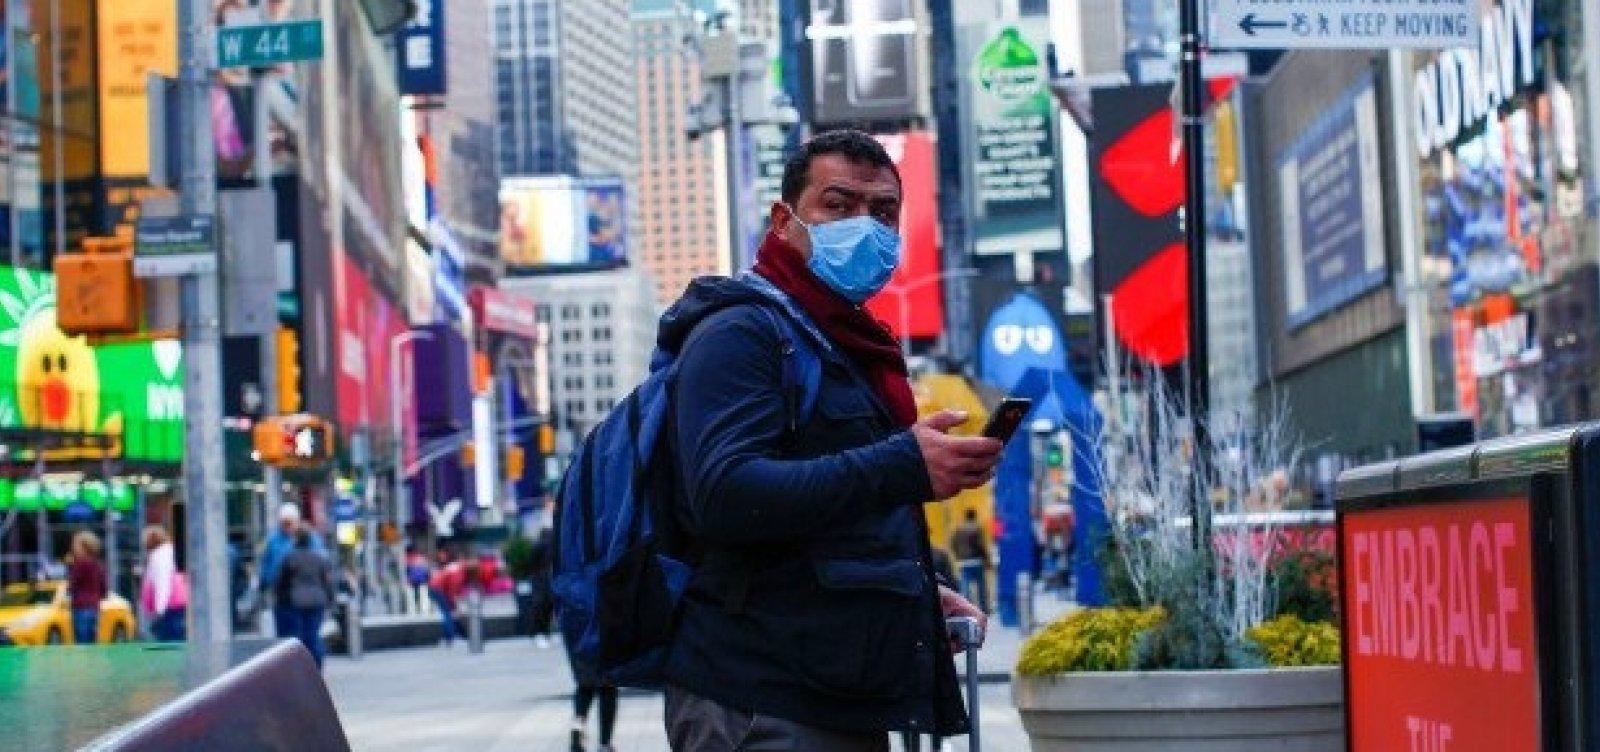 [Covid-19: Alemanha limita festas, e Nova York multará quem se recusar a usar máscara]